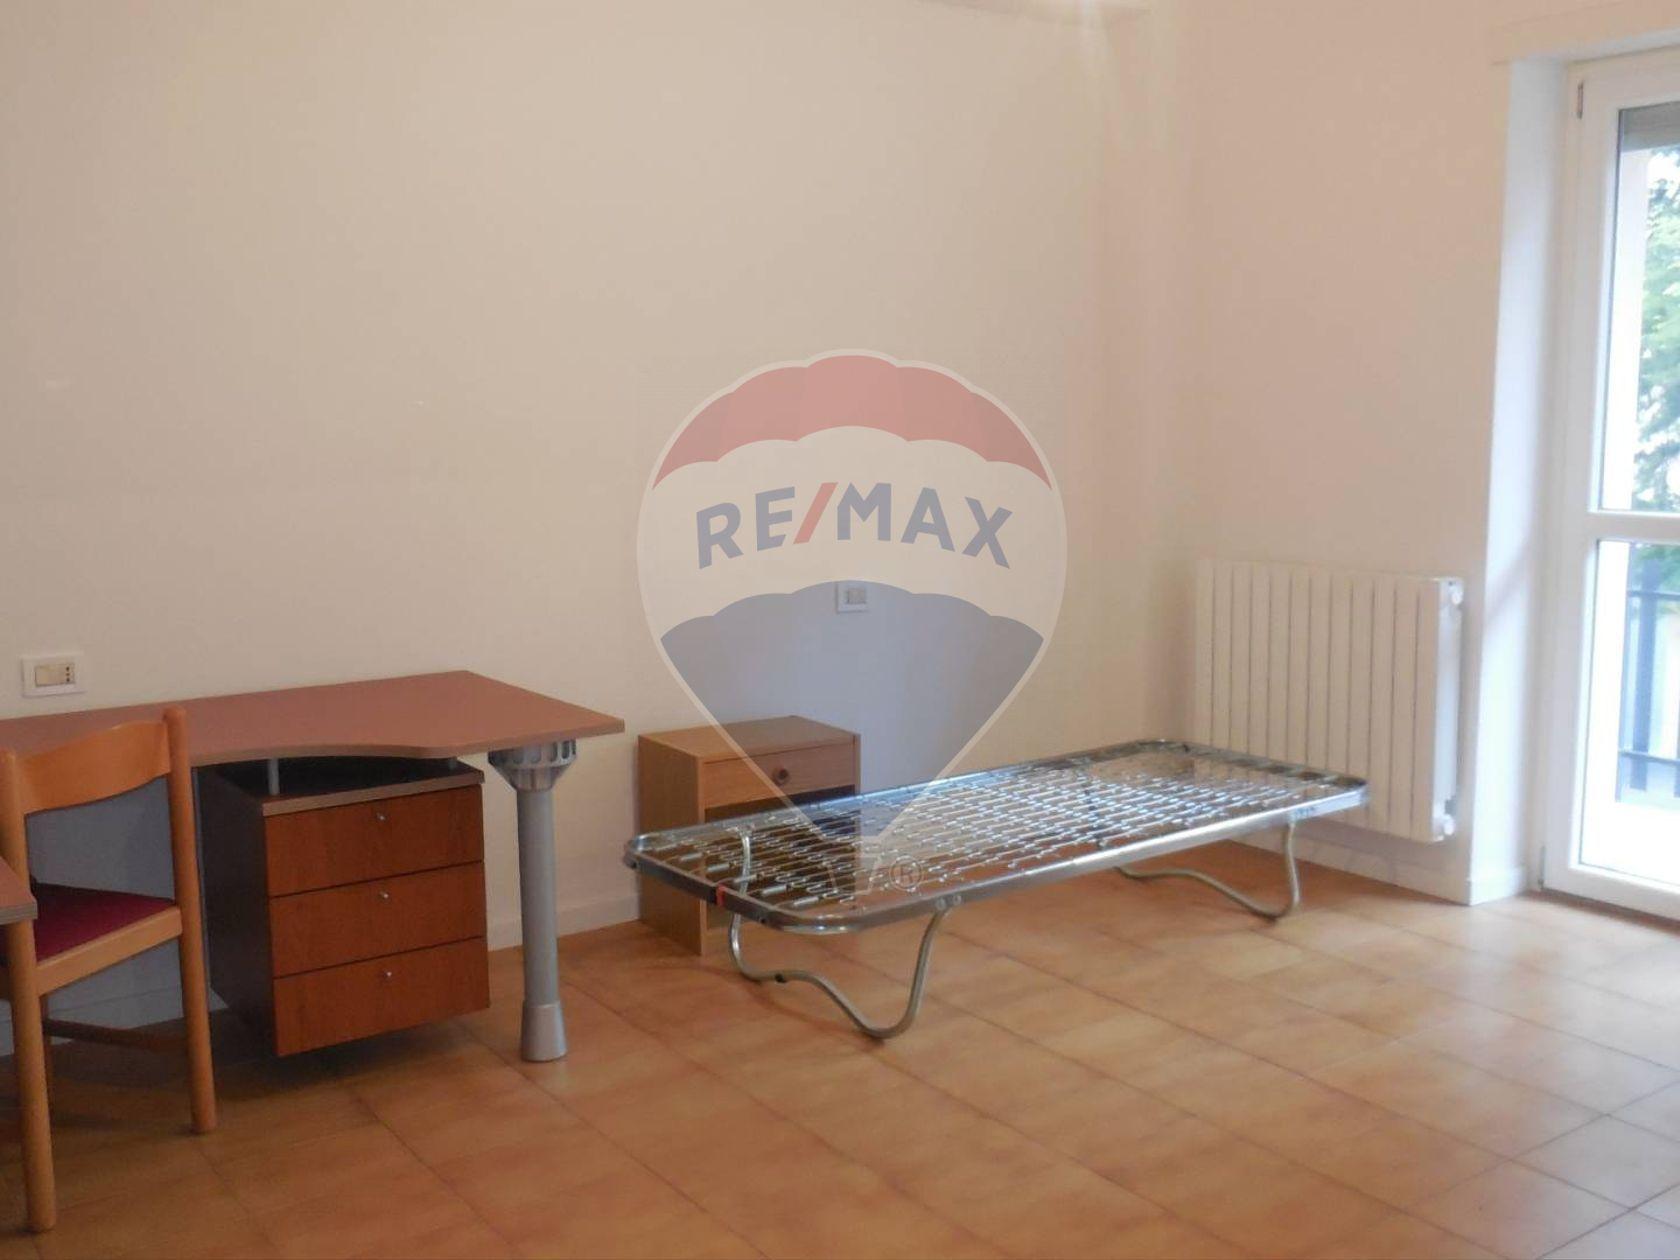 Appartamento L'Aquila, AQ Vendita - Foto 19